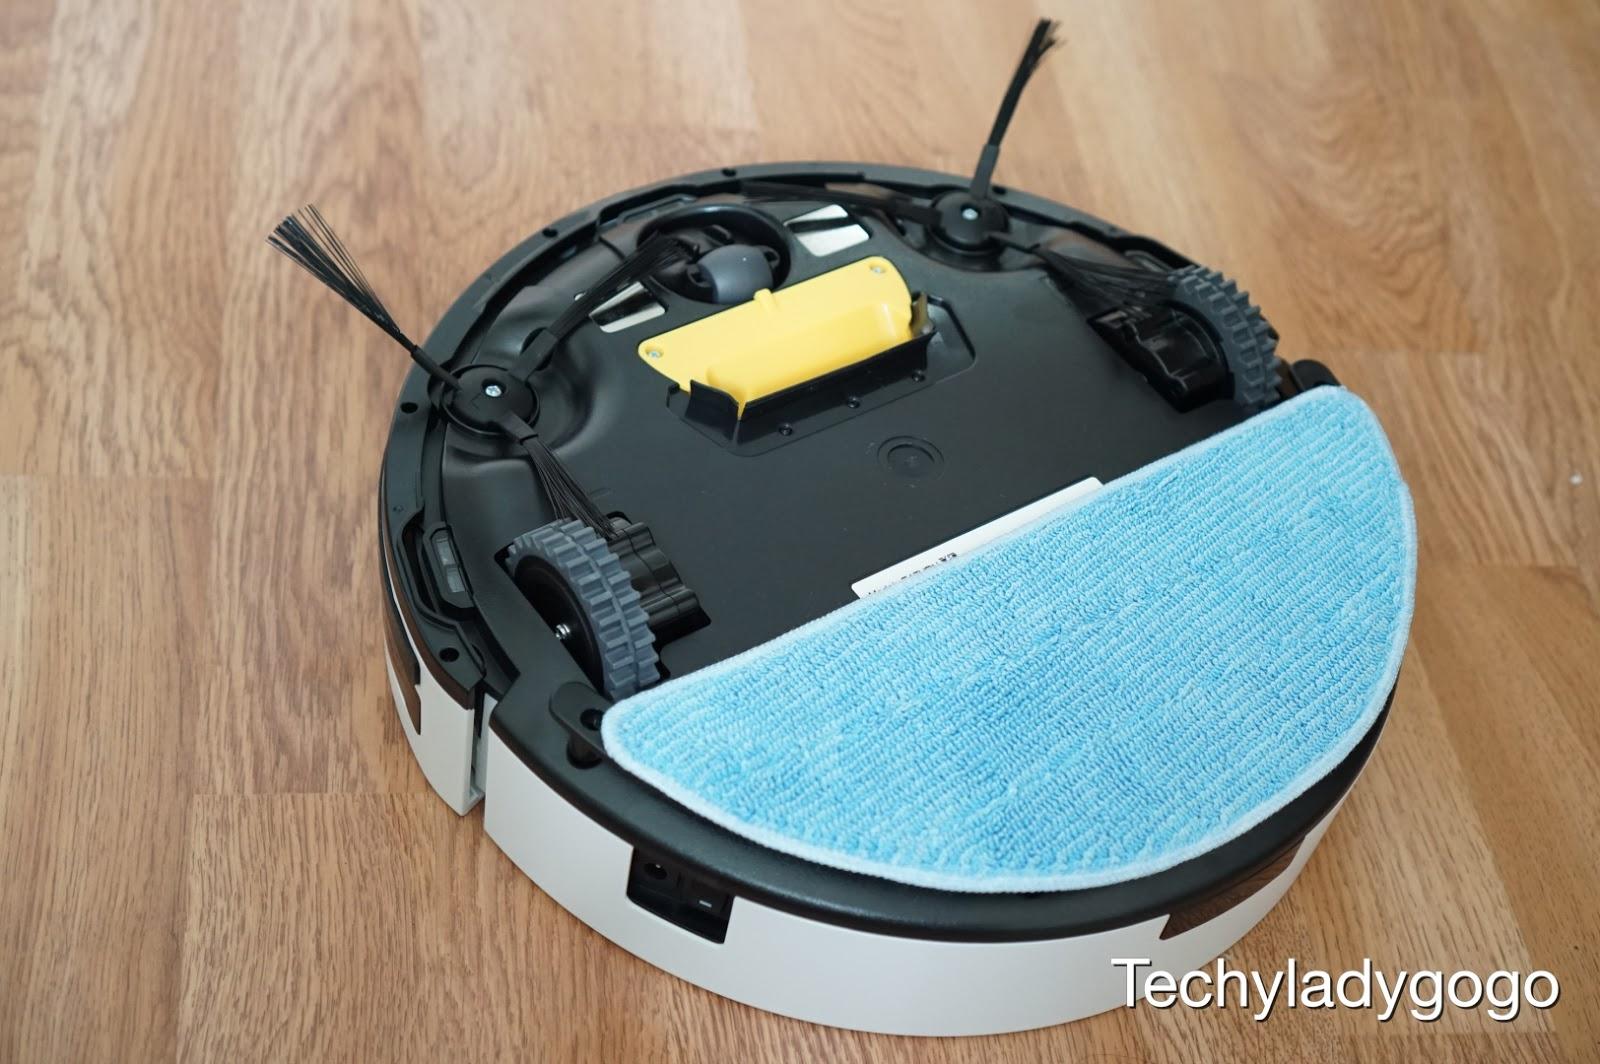 รีวิวหุ่นยนต์ดูดฝุ่น และถูพื้น Mister Robot Saturn X2 Vacuum Cleaner ผู้ช่วยทำความสะอาดพื้นบ้าน ผ่อนแรง พื้นสะอาดเกลี้ยง